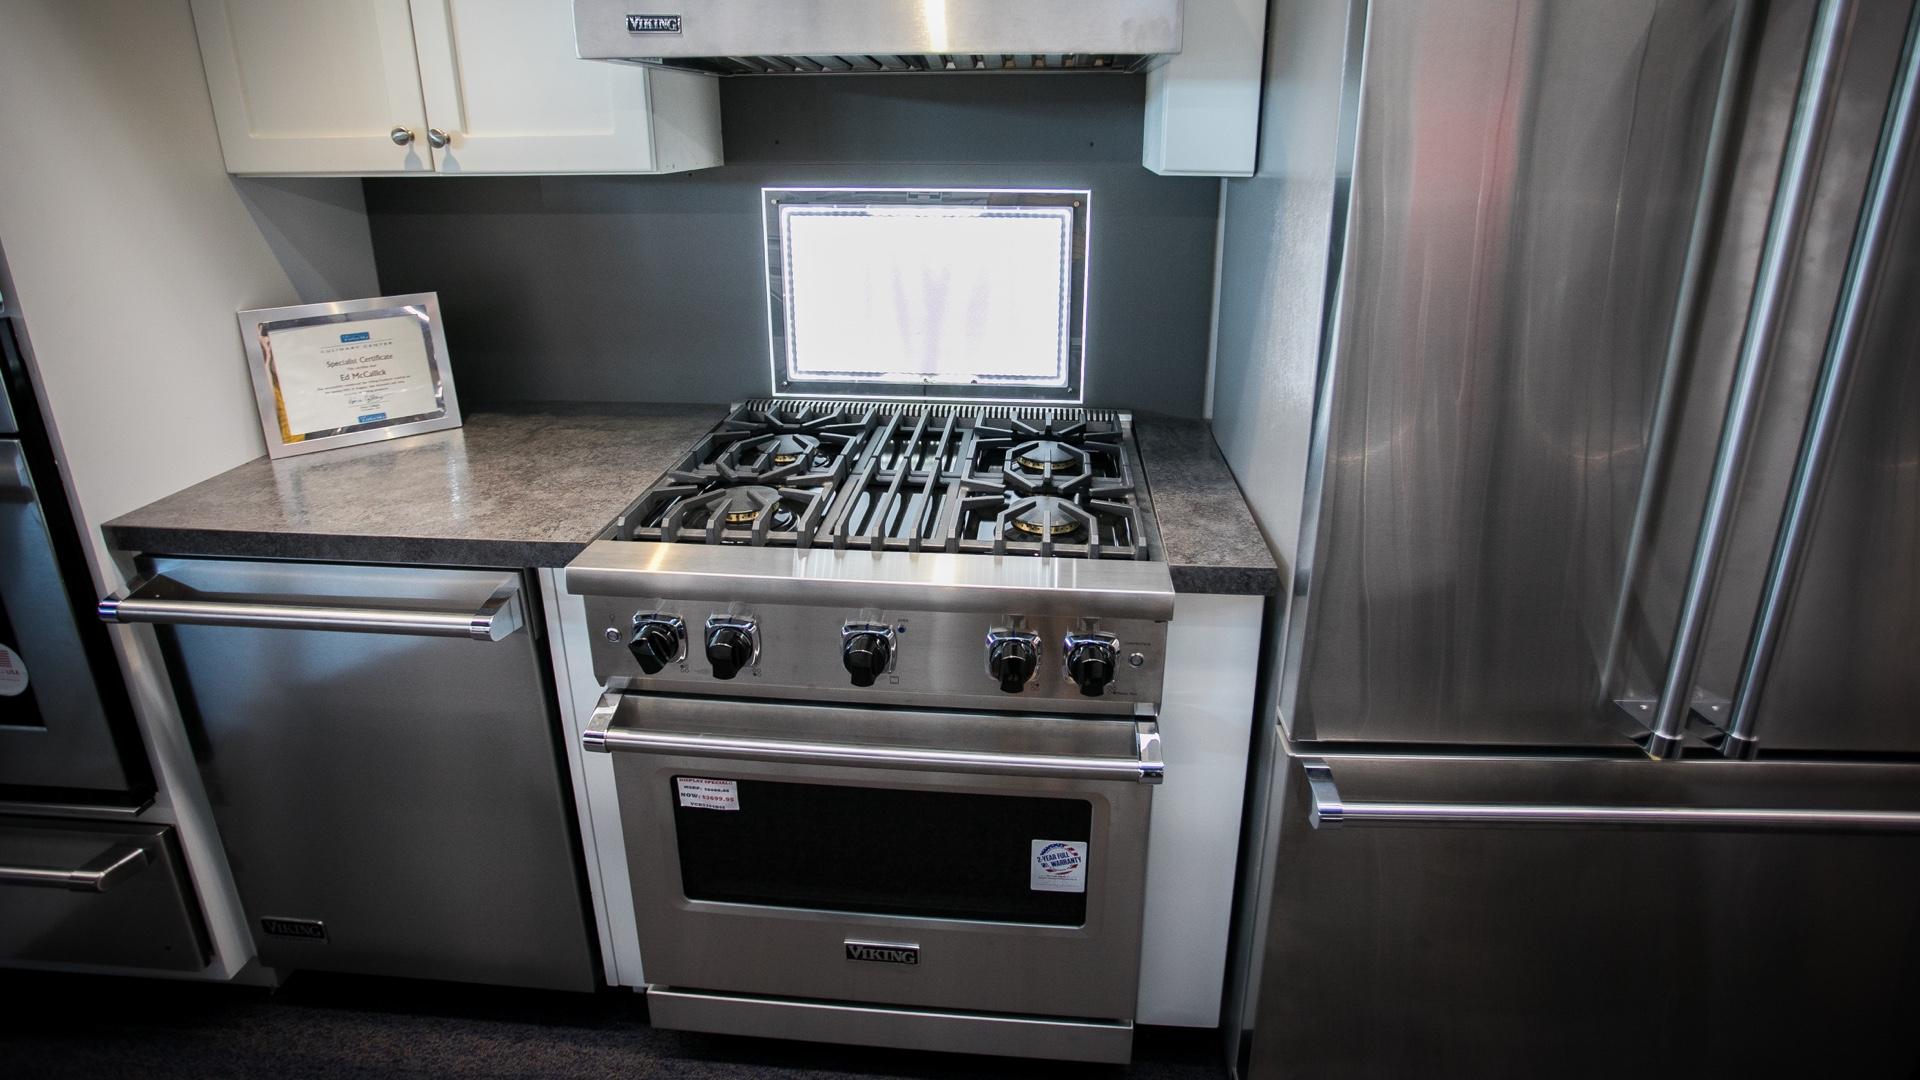 Barrys Appliances 15